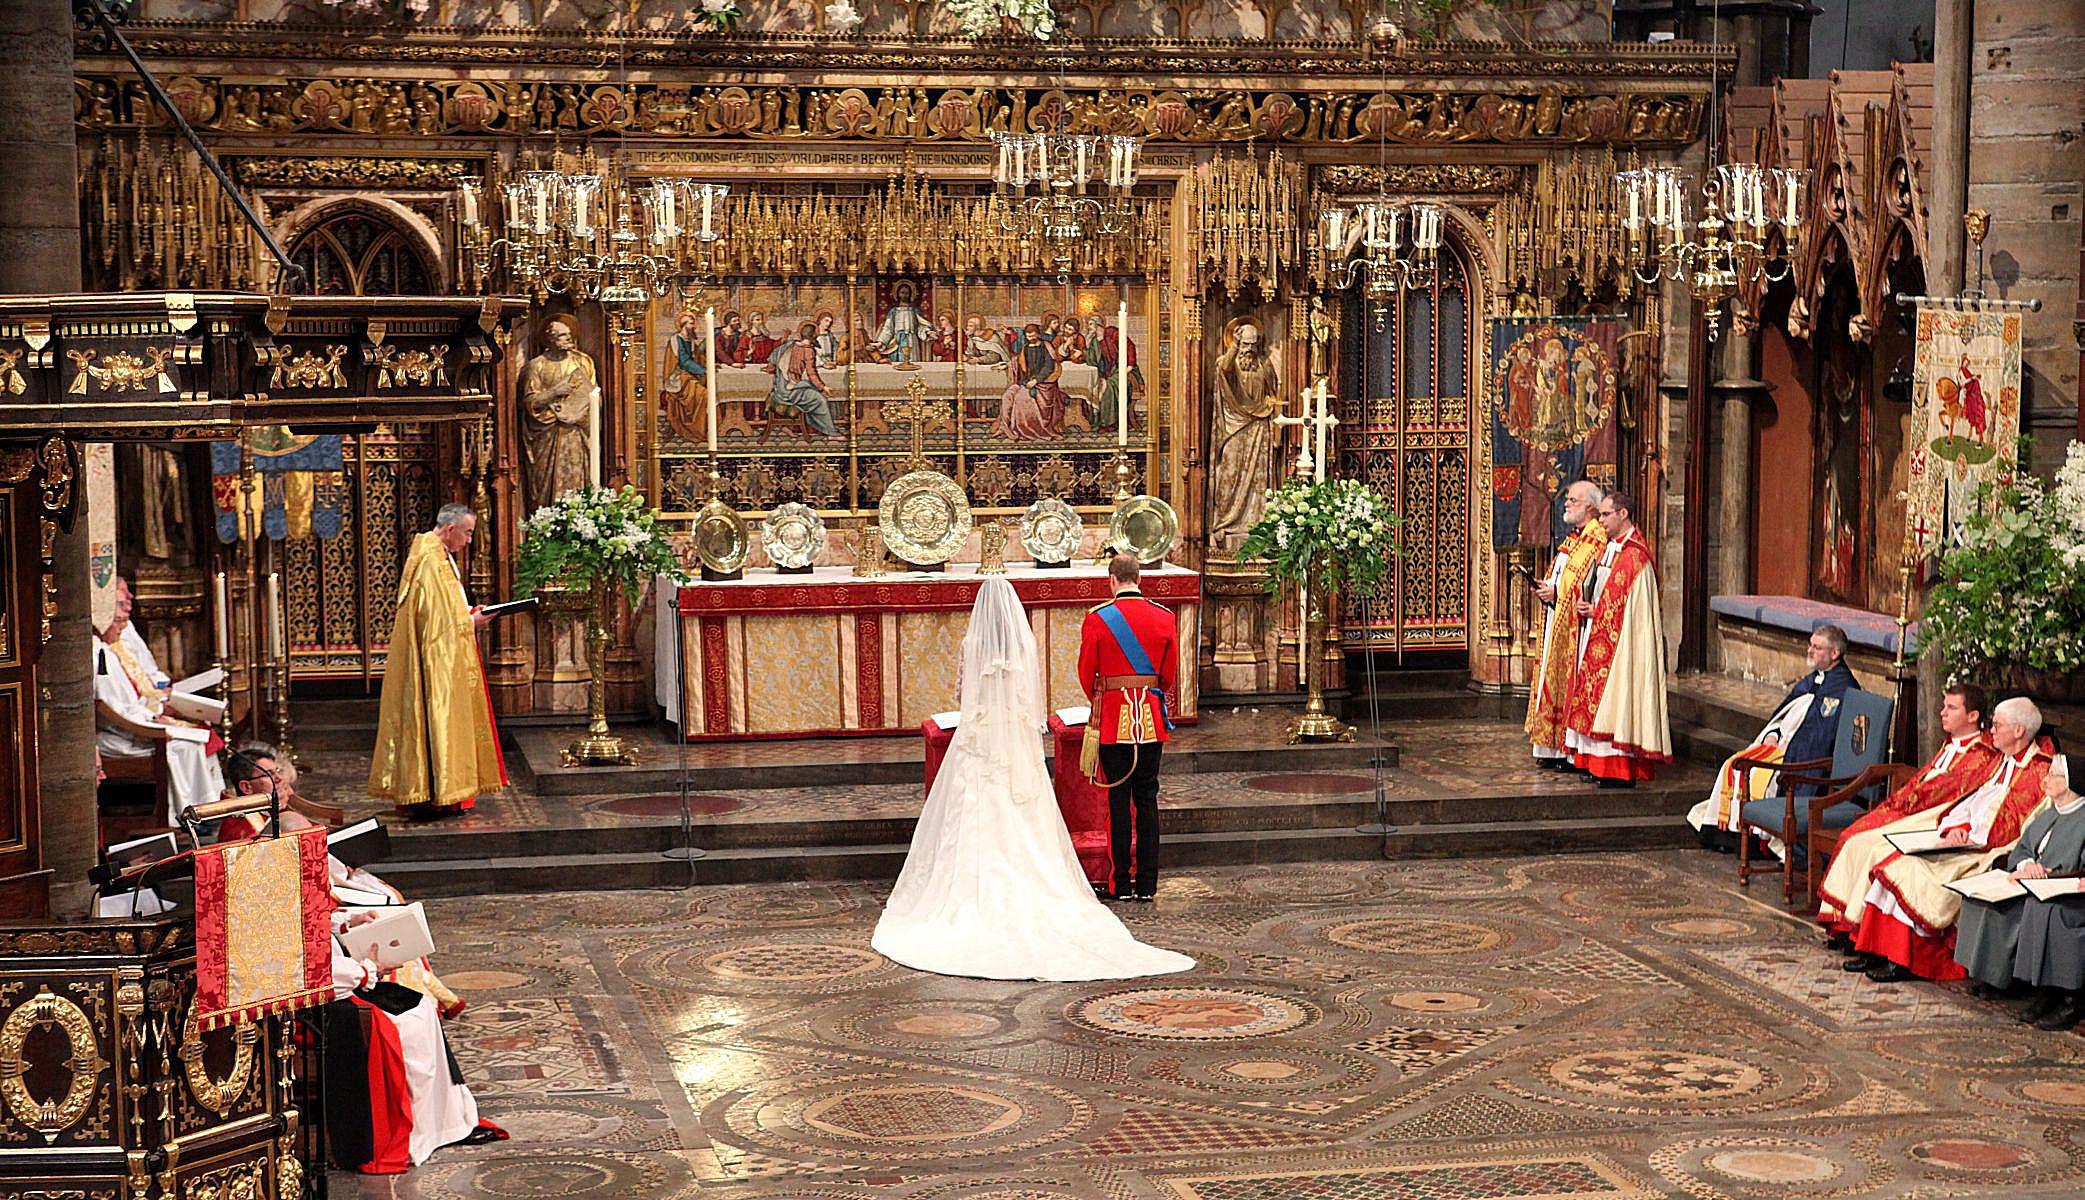 ウェストミンスター寺院のキャサリンとウィリアム-2011年4月29日